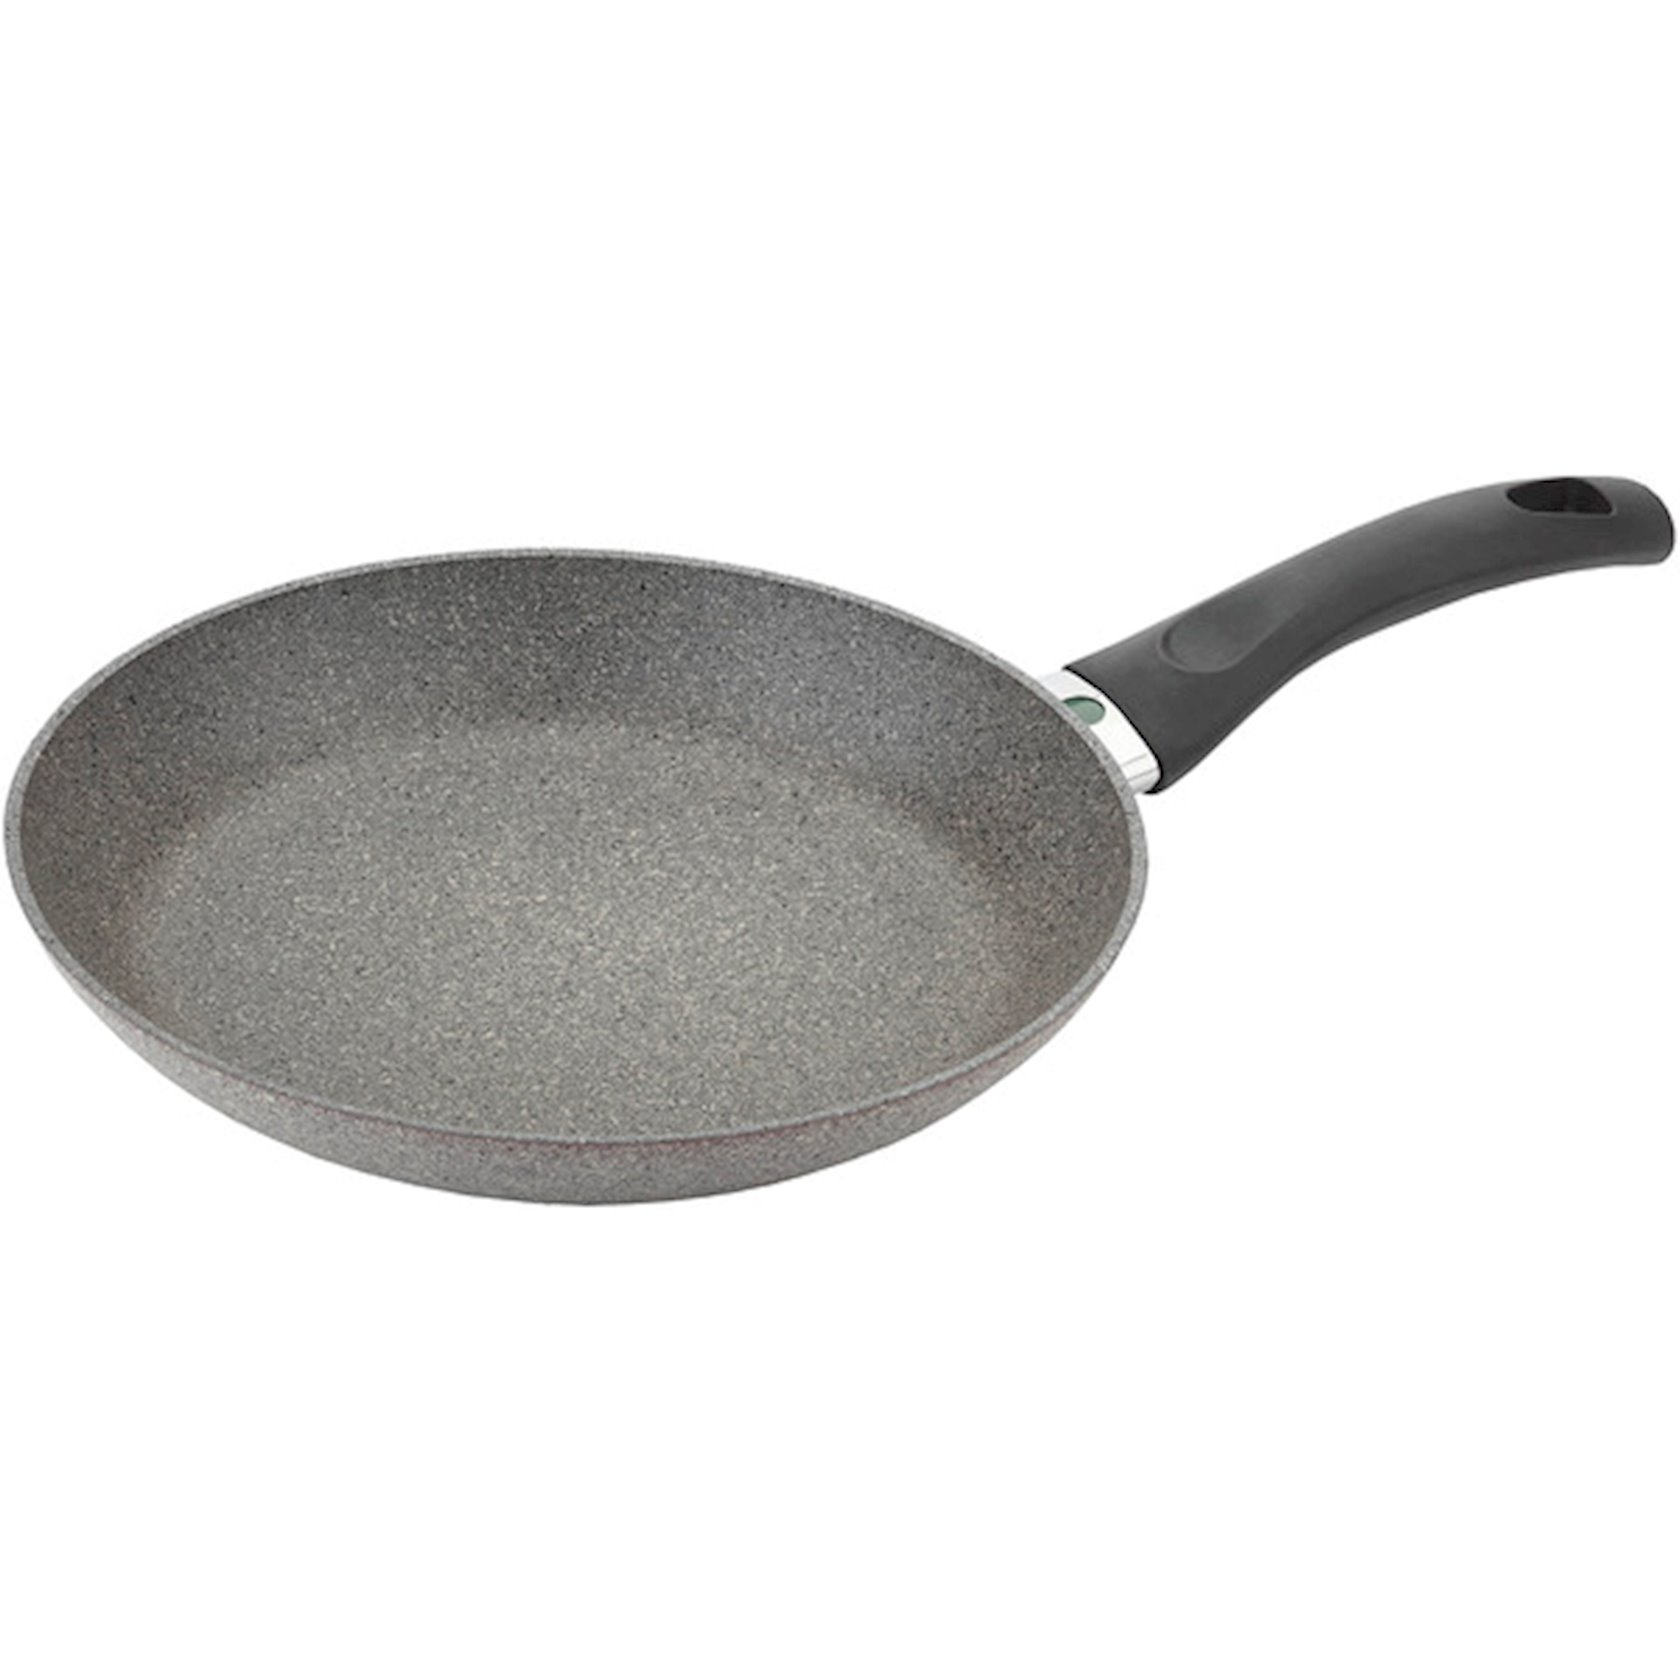 Сковорода Ballarini Cortina granitium,28см,материал:алюминий,материал ручки:бакелит,цвет:серый